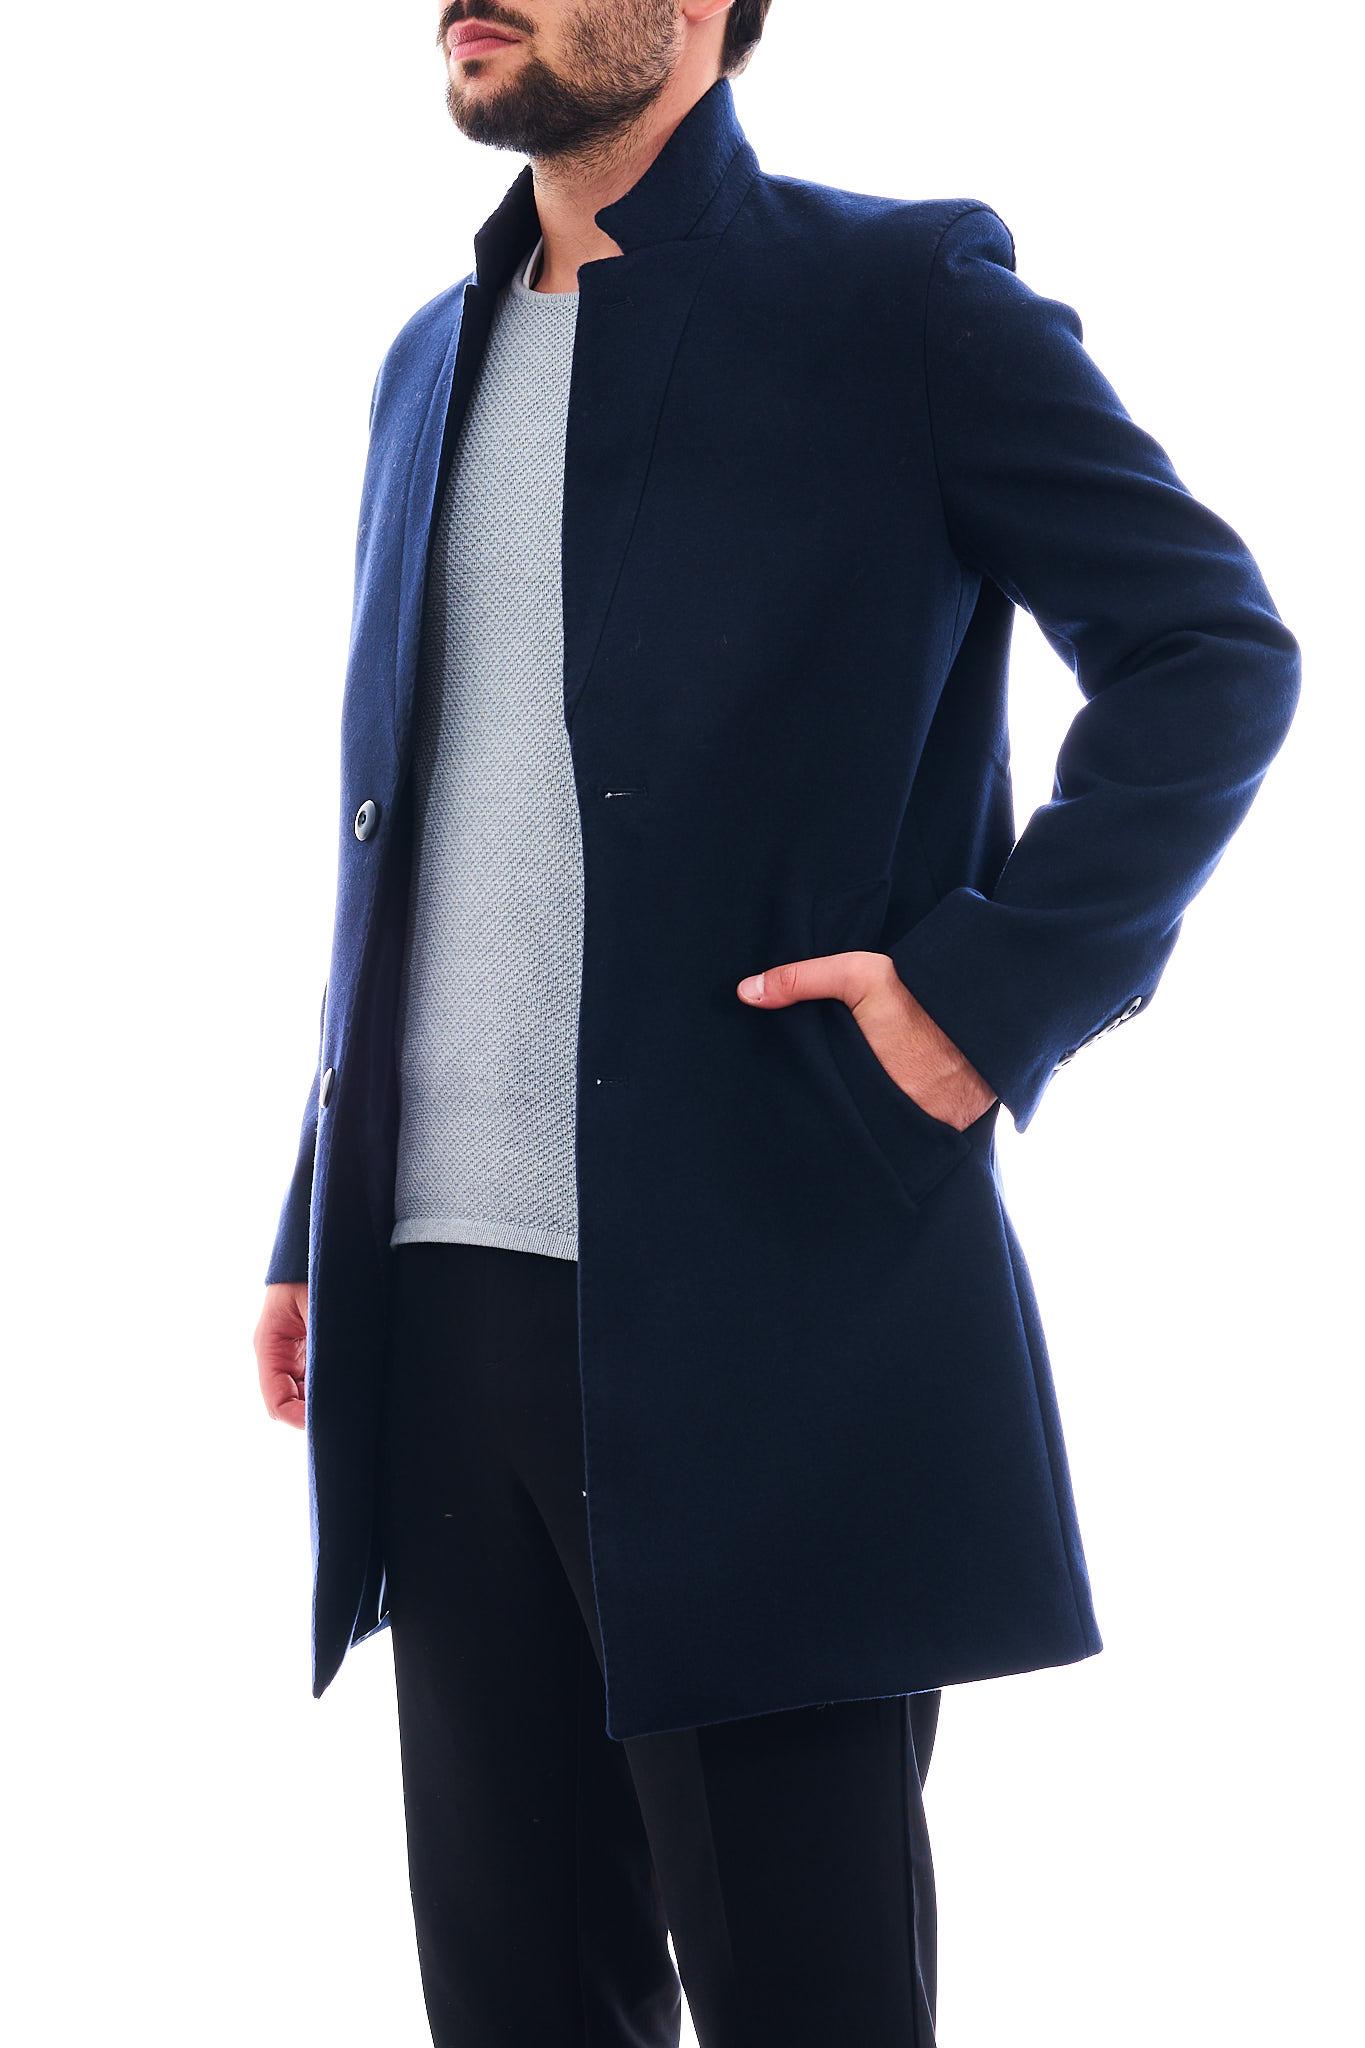 Cappotto in eco-lana SETTE/MEZZO   Cappotto   CP738-VITESSBLU